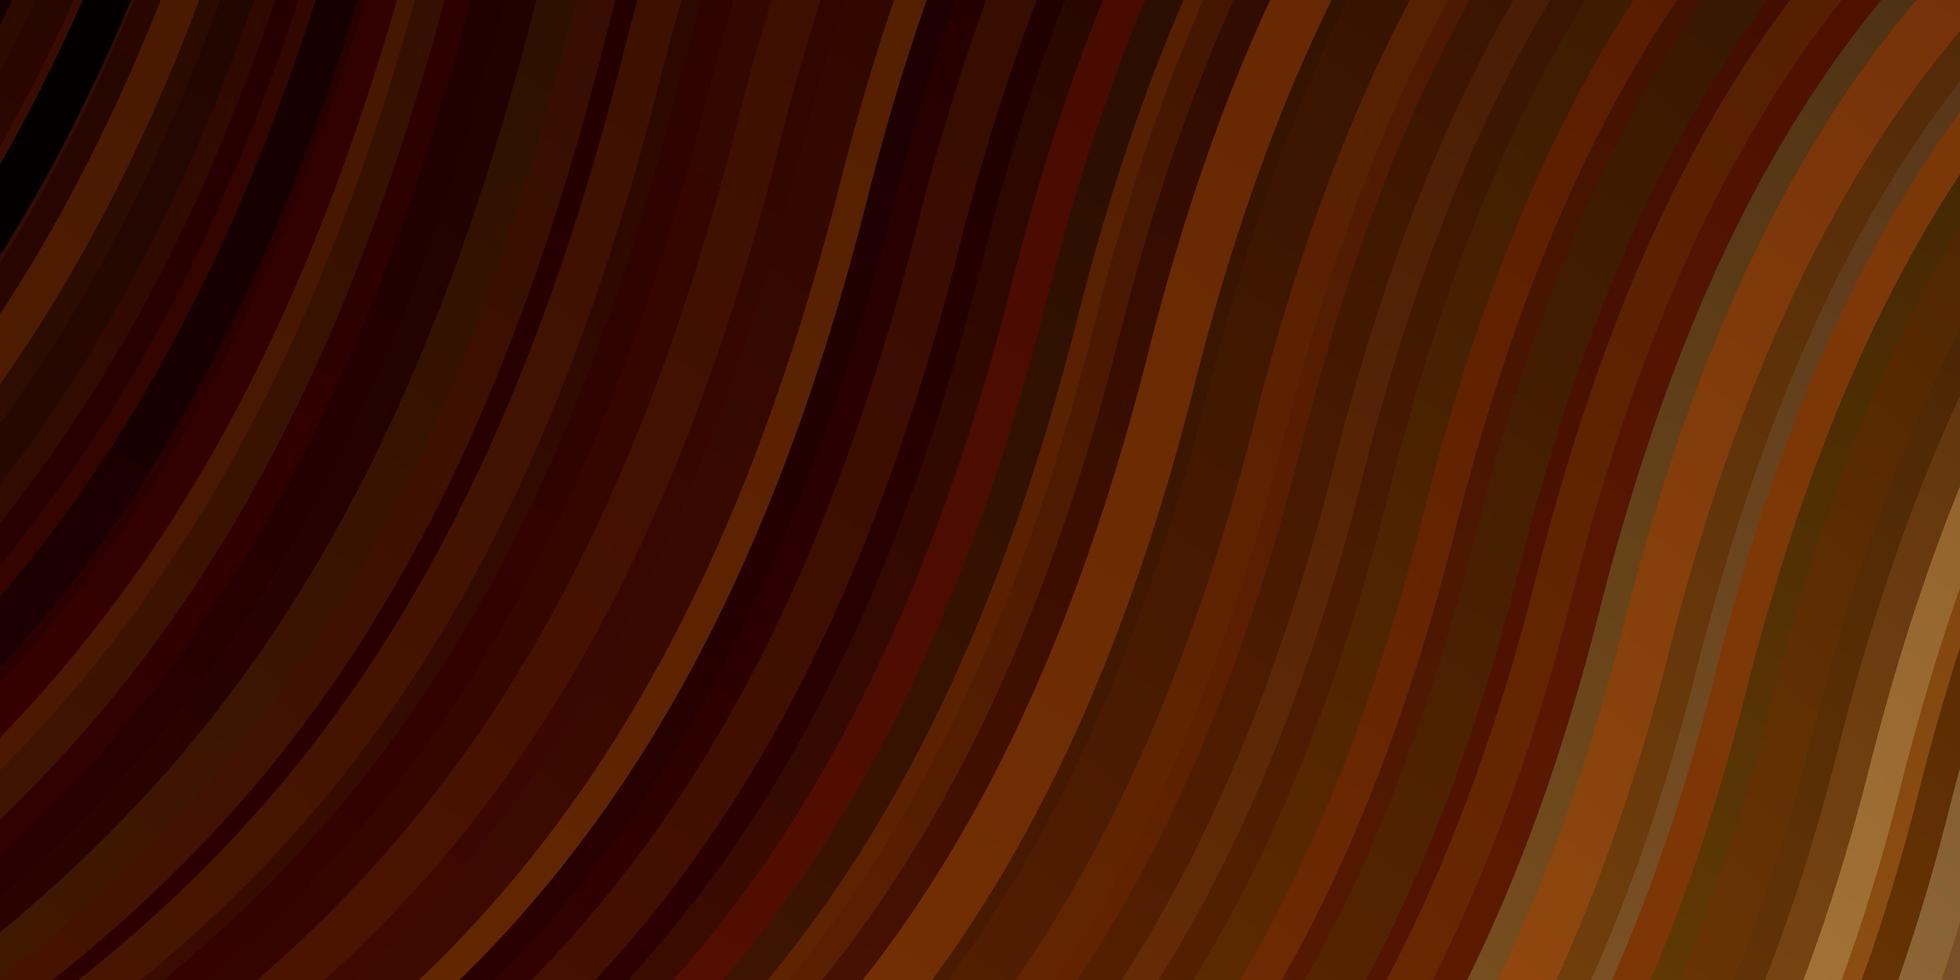 disposition de vecteur orange foncé avec des lignes ironiques.